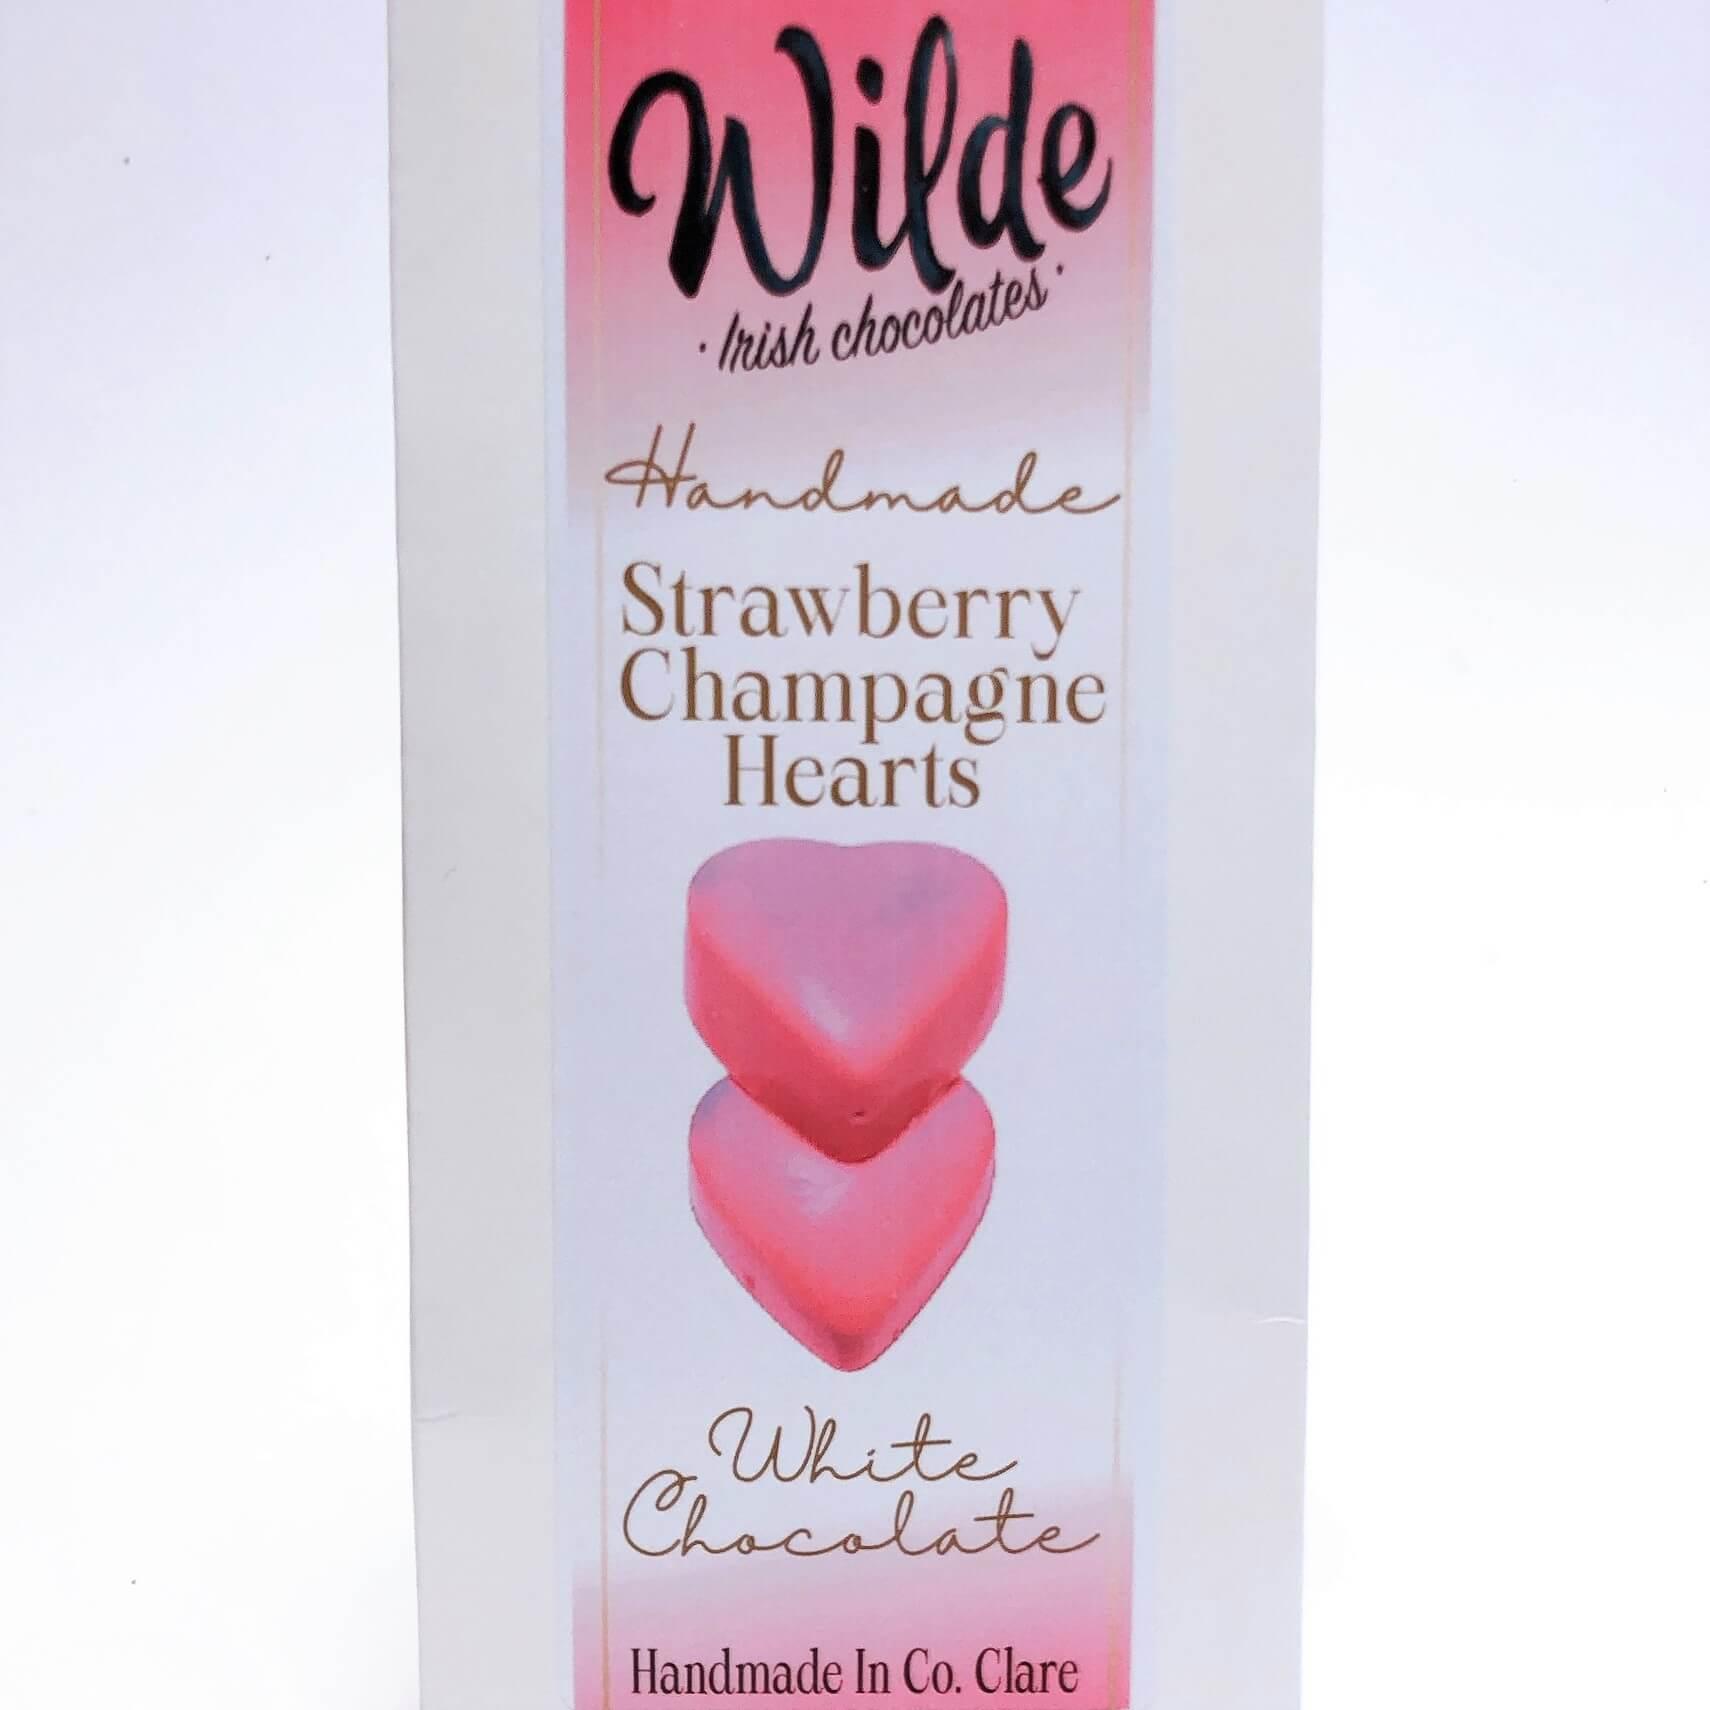 Strawberry Champagne Irish Chocolate Truffle - Wilde Irish Chocolates